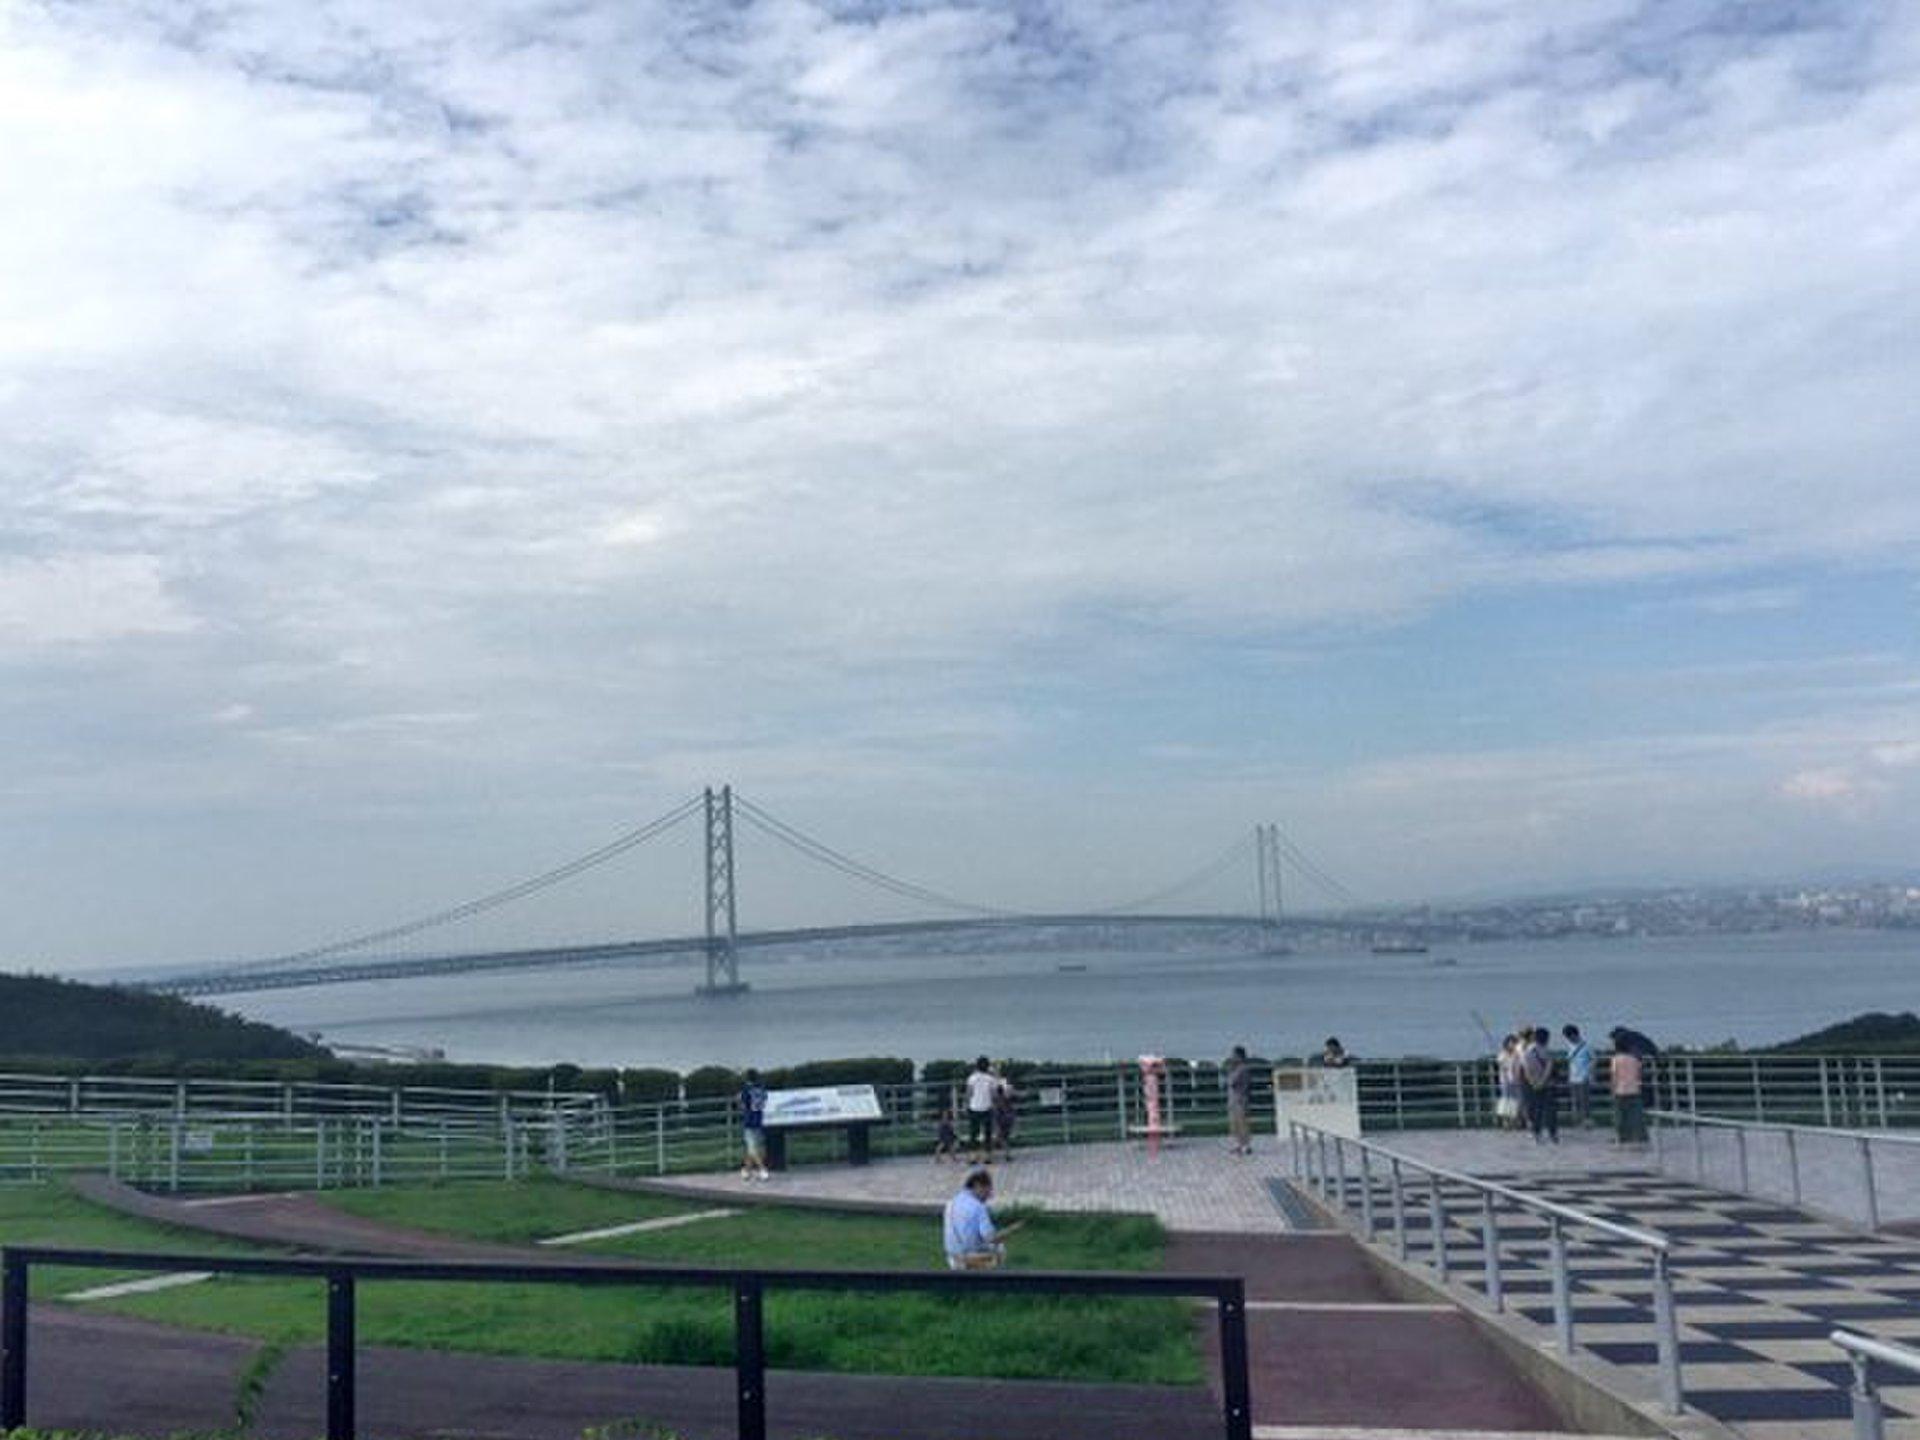 【淡路島】明石海峡大橋を渡って朝ごはんを食べに行こう!最高のプロポーズスポットも教えちゃいます!